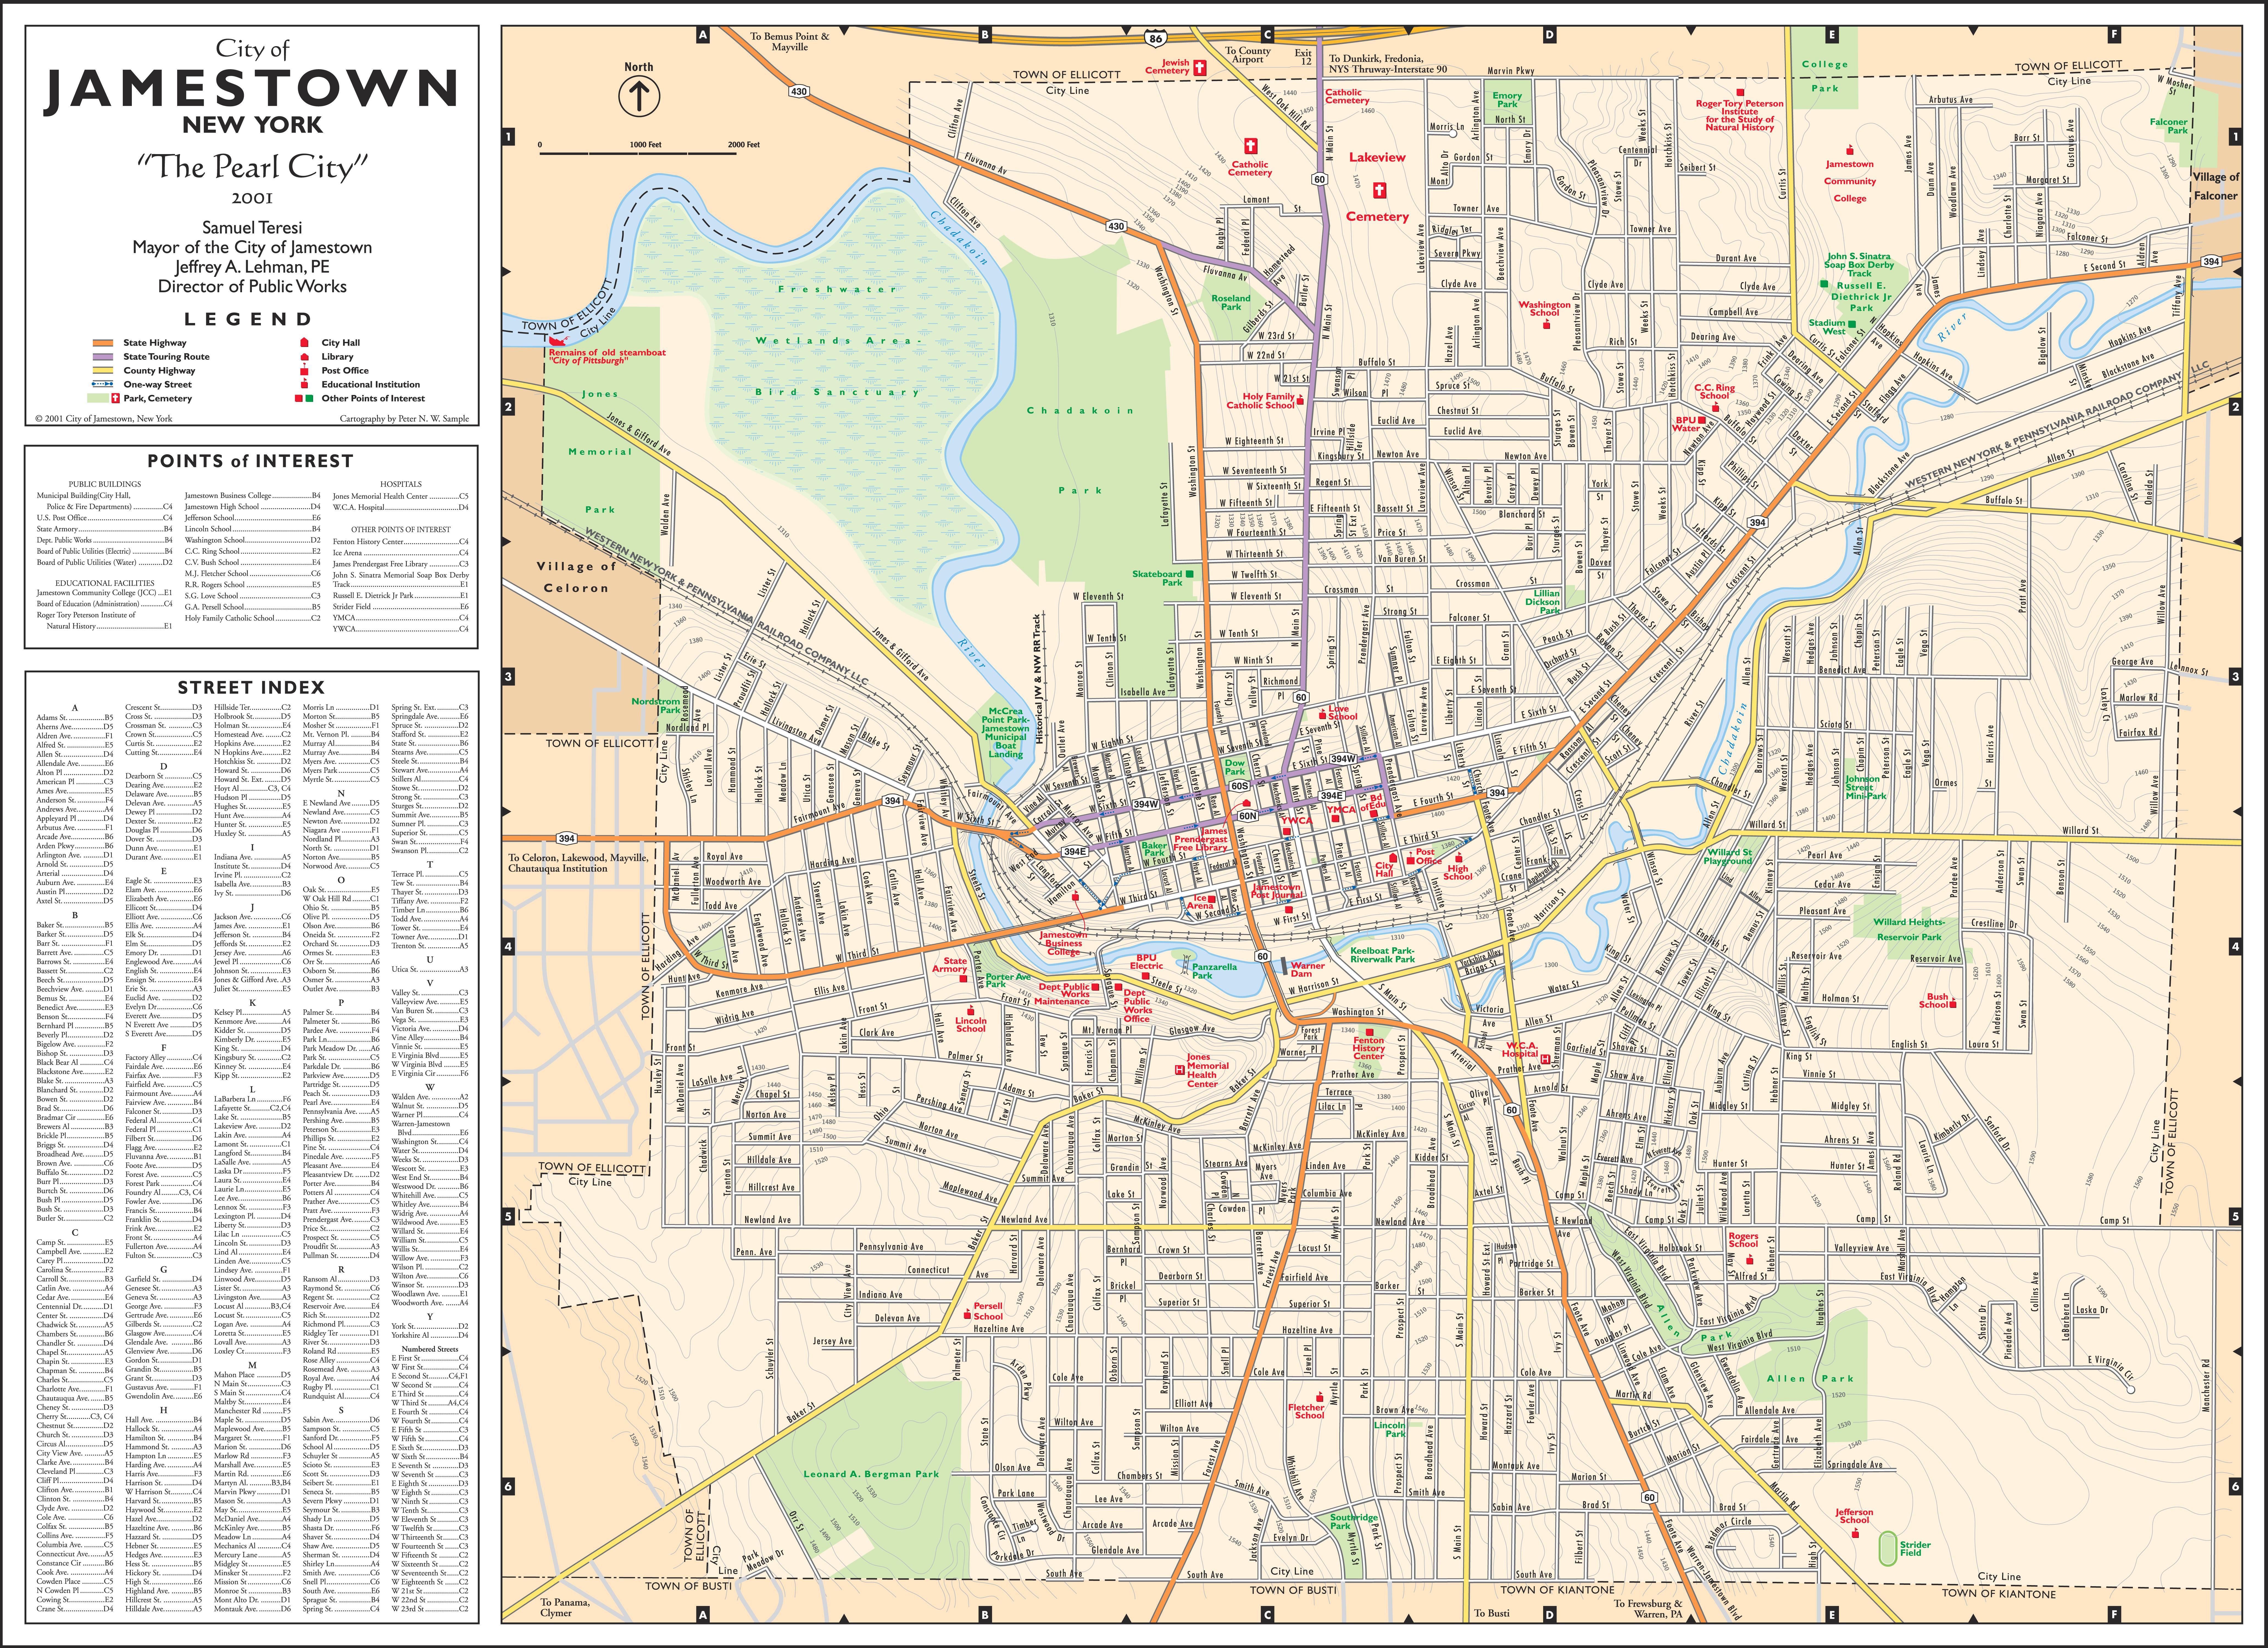 Printable New York Street Map Mobile Maps Of Nyc Ny   Travel Maps - Printable New York Street Map